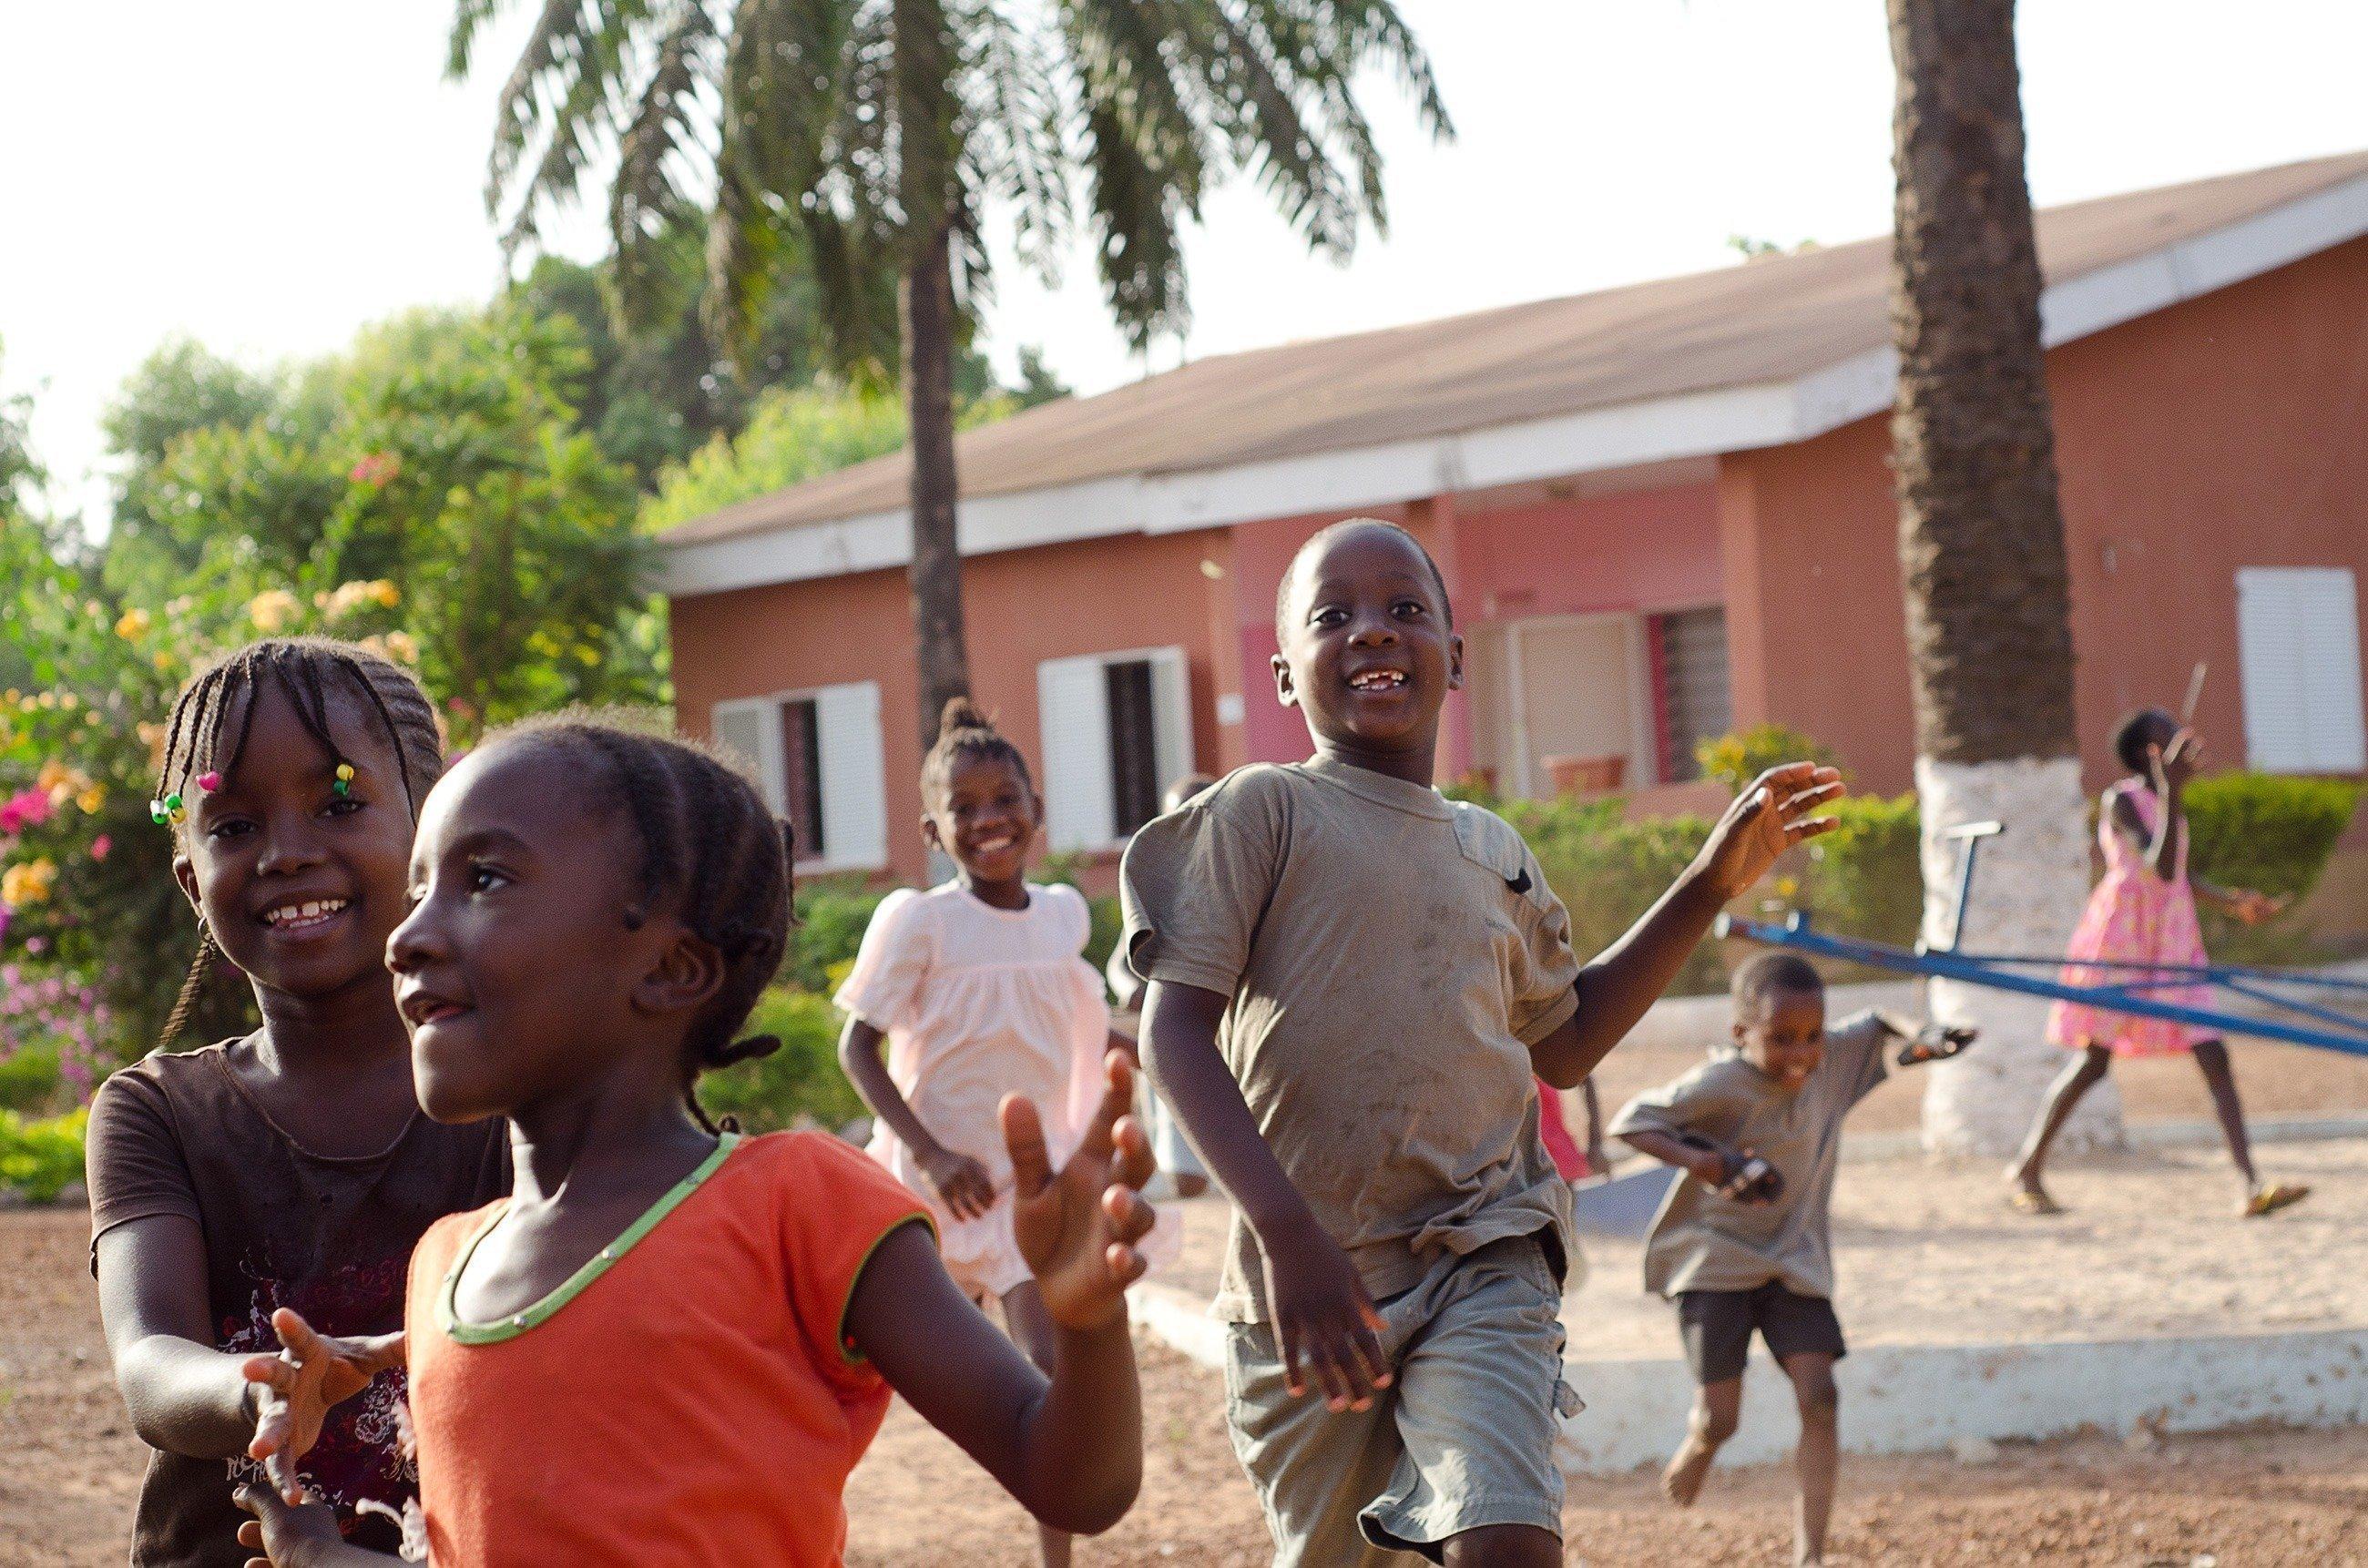 Draußen spielende afrikanische Kinder vor einem Haus.